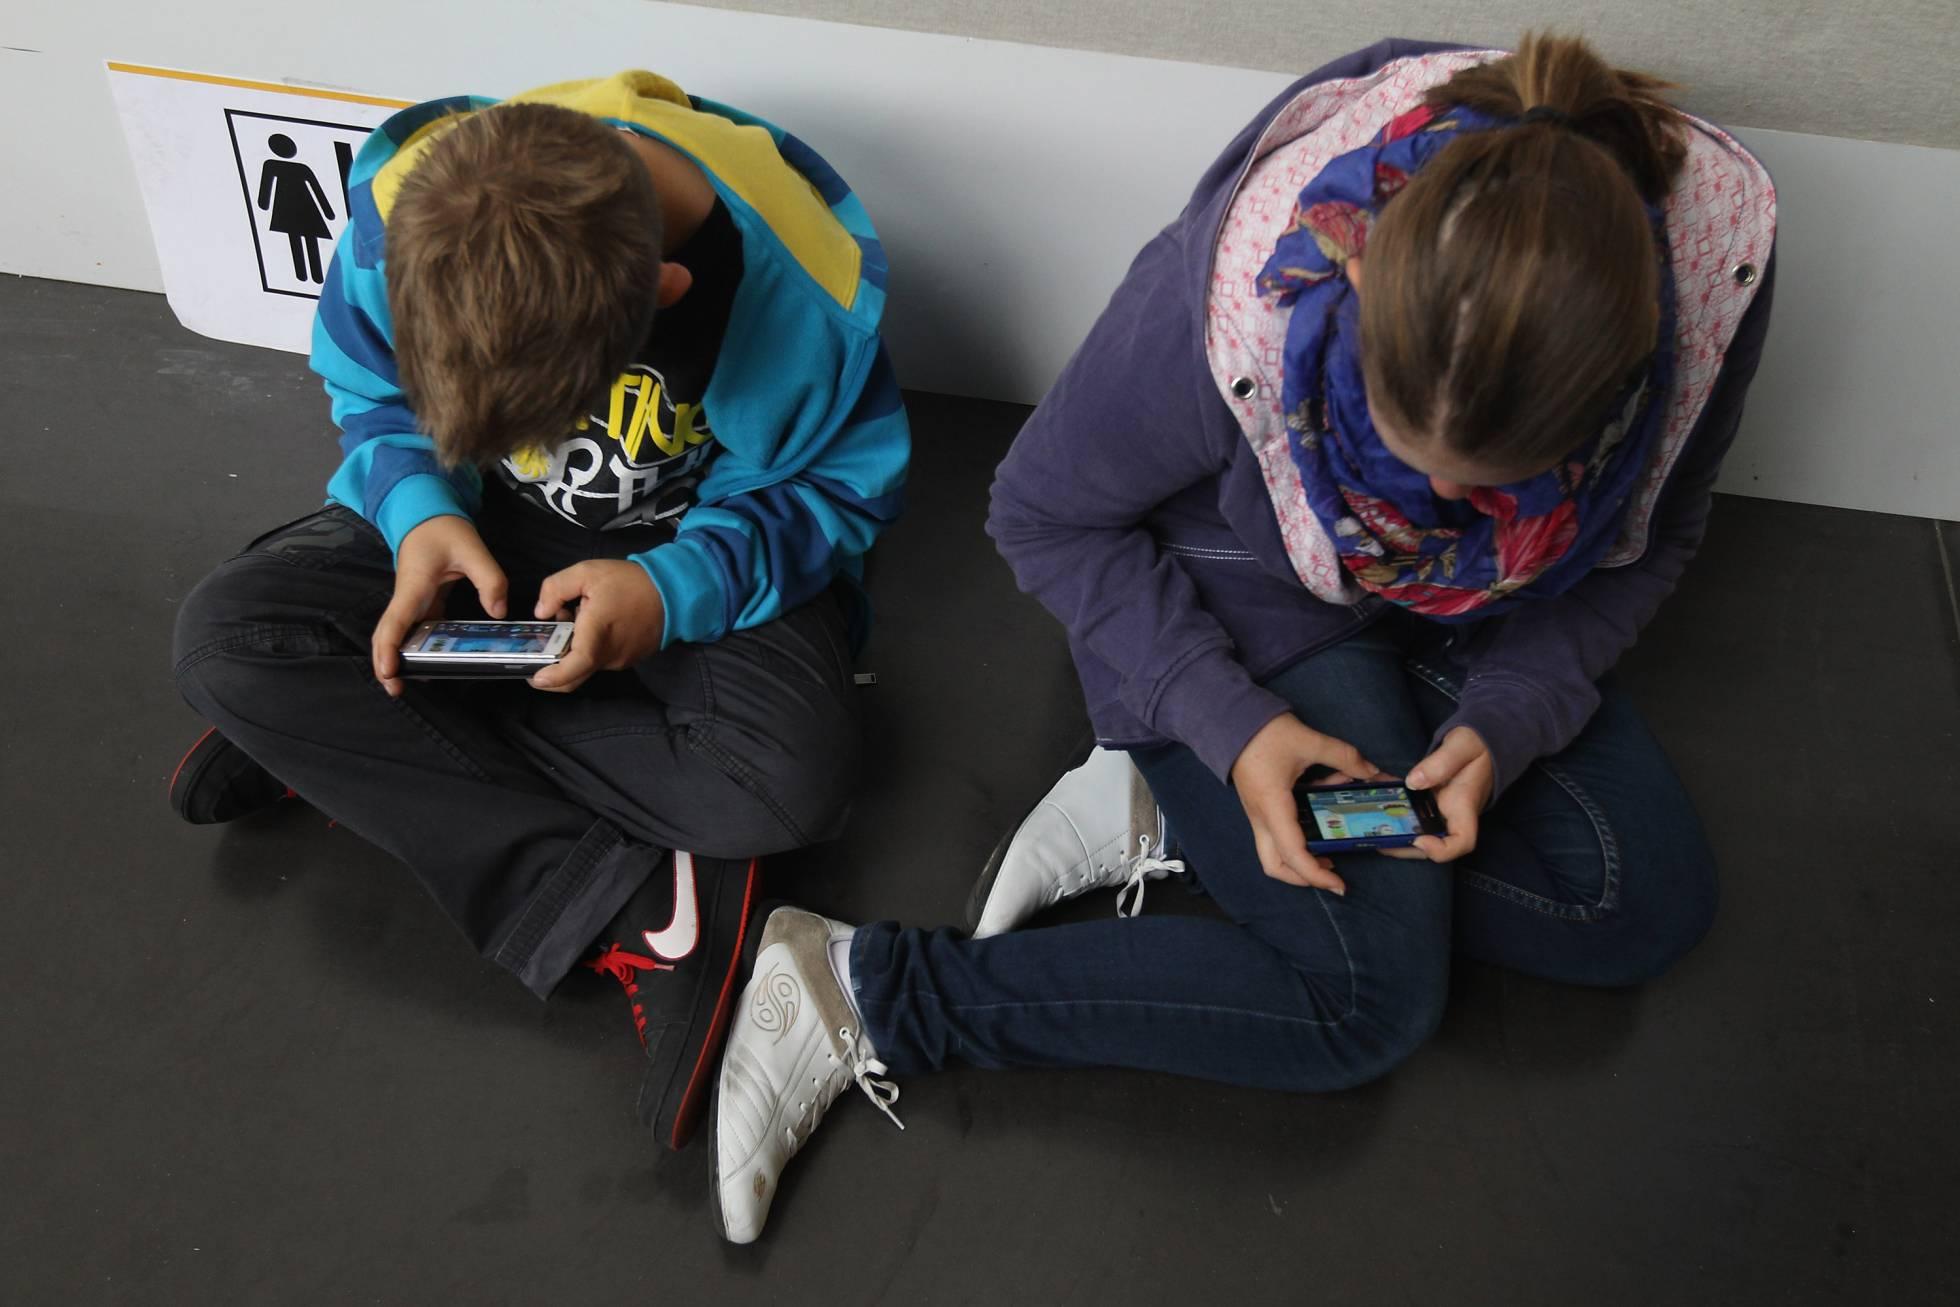 Teléfonos y primeras comuniones: ¿debe tener móvil un niño de 10 años?